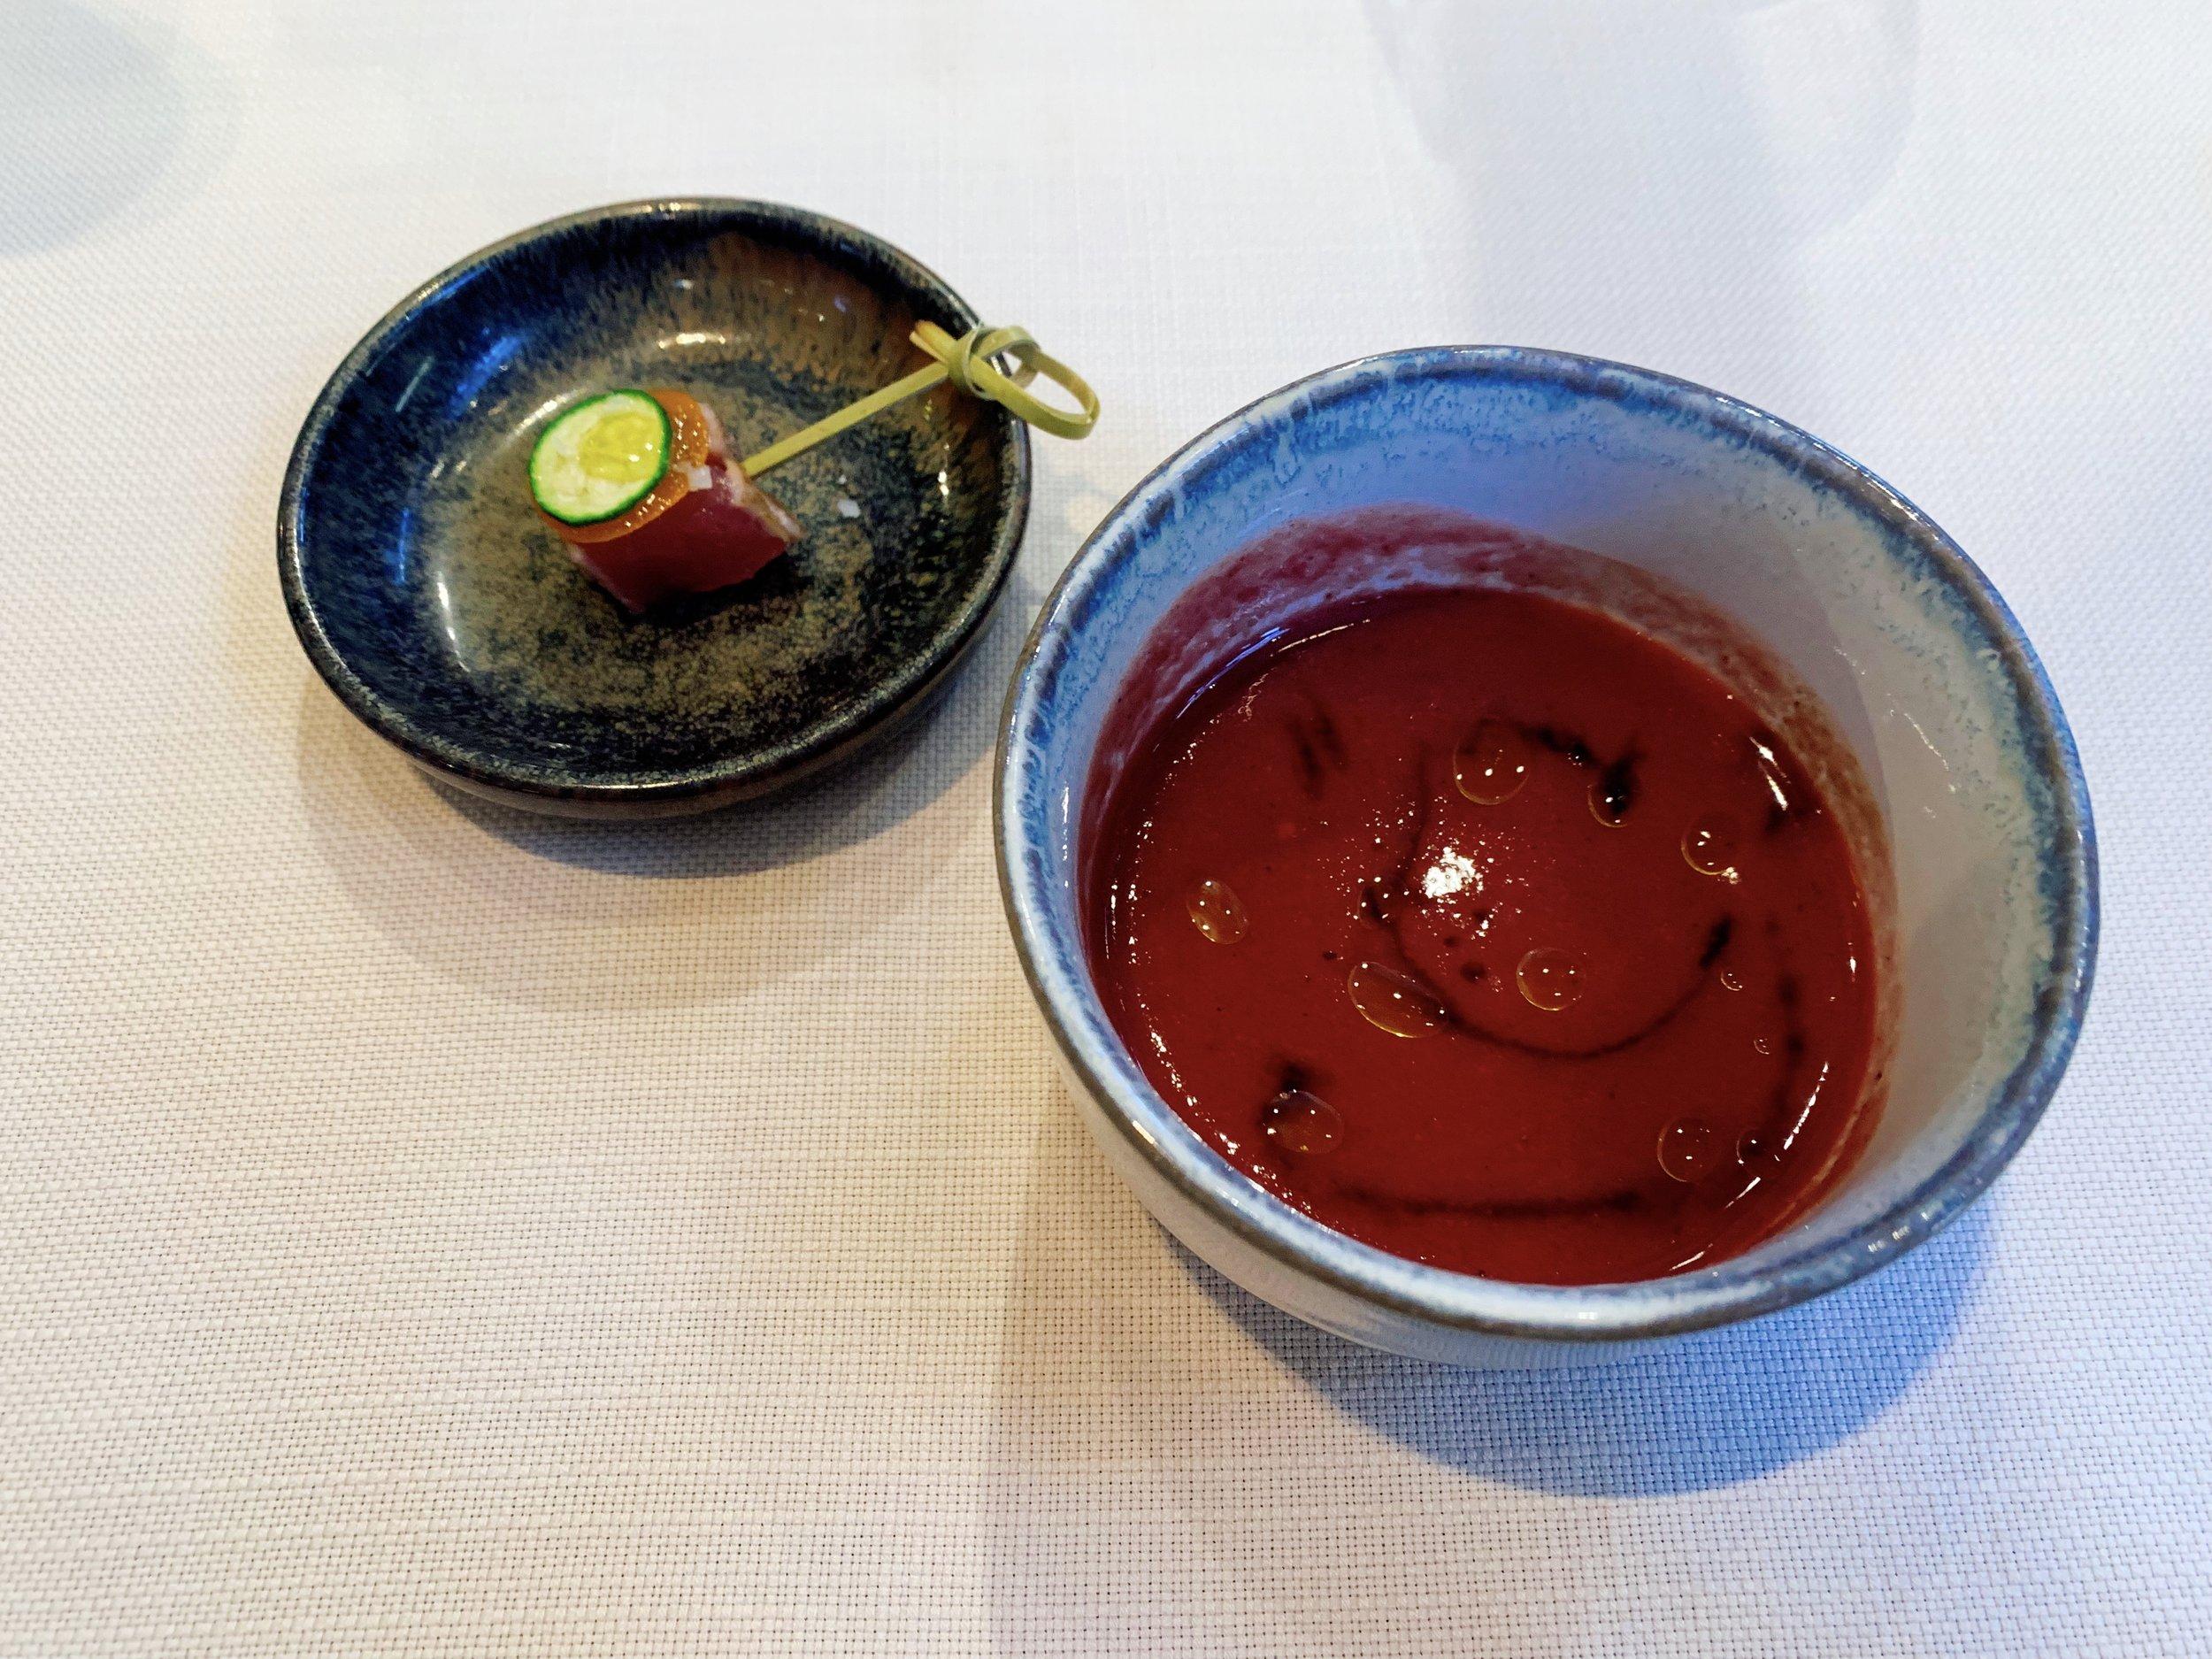 Tuna + Kumquat + Cucumber (Left) Tomato + Cherry Gazpacho (Right)